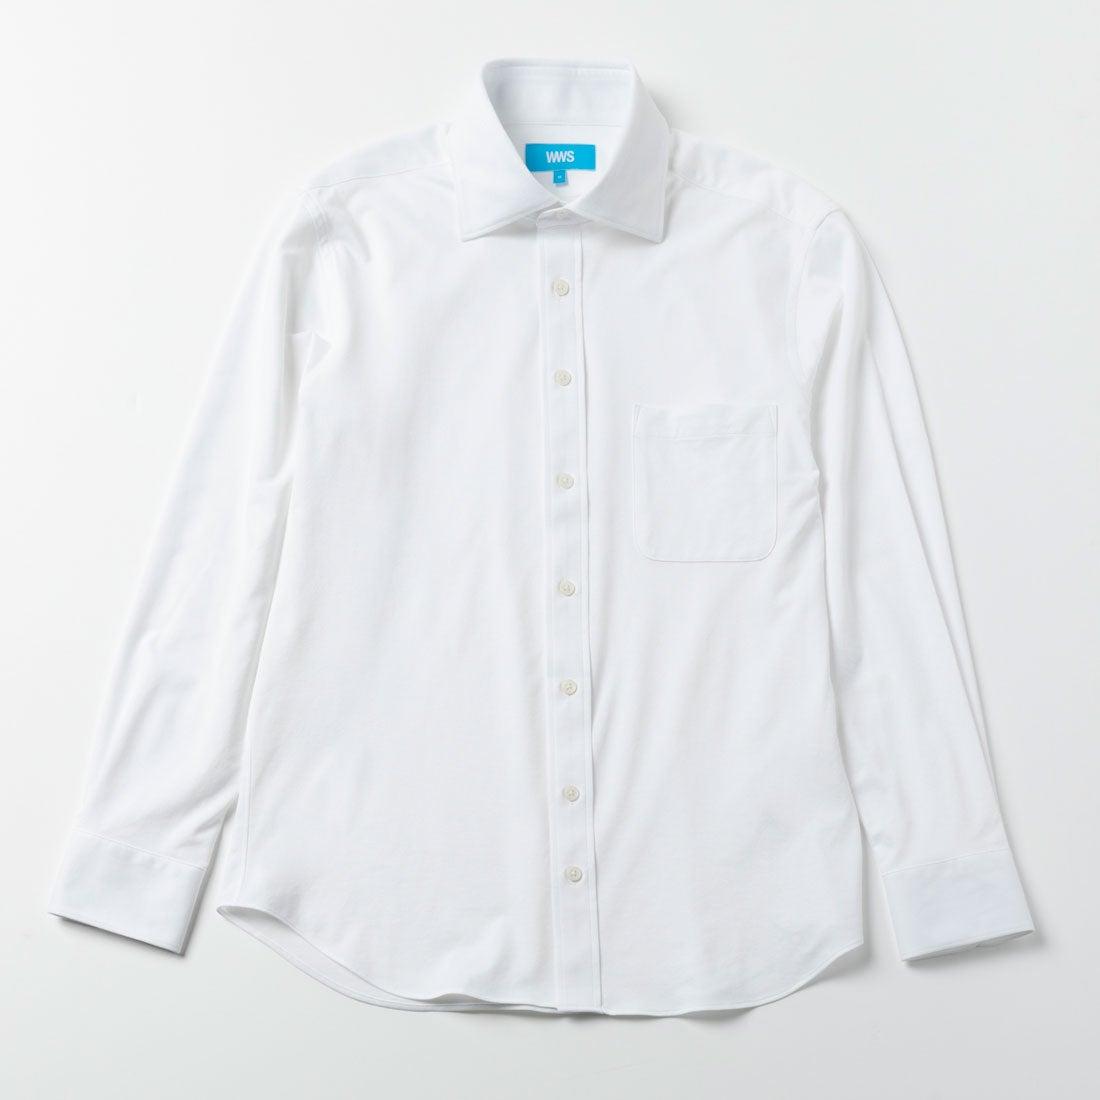 究極のワイドカラーシャツ